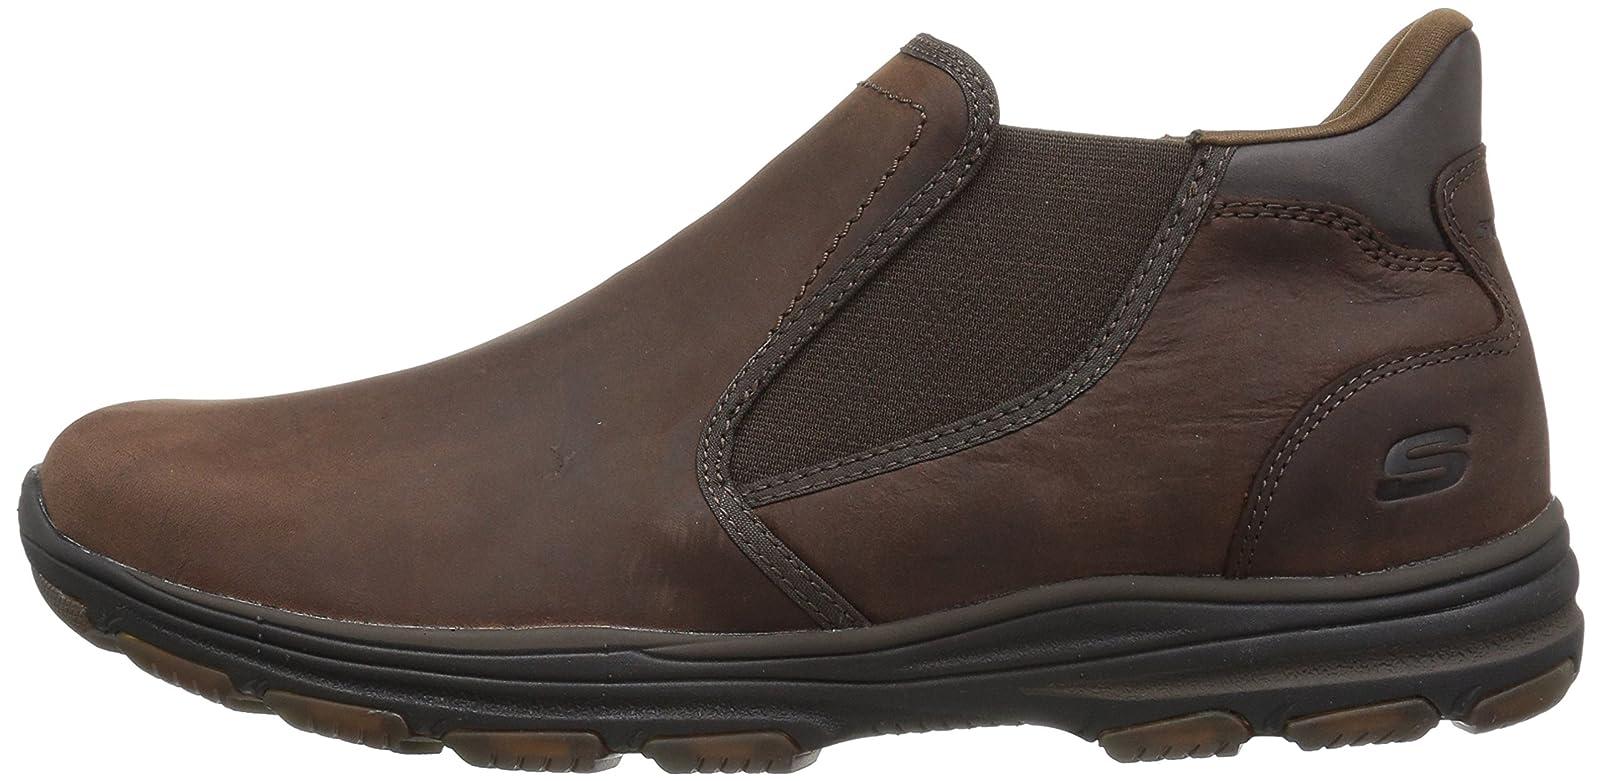 Skechers Men's Garton Keven Ankle Bootie 8 M US - 5